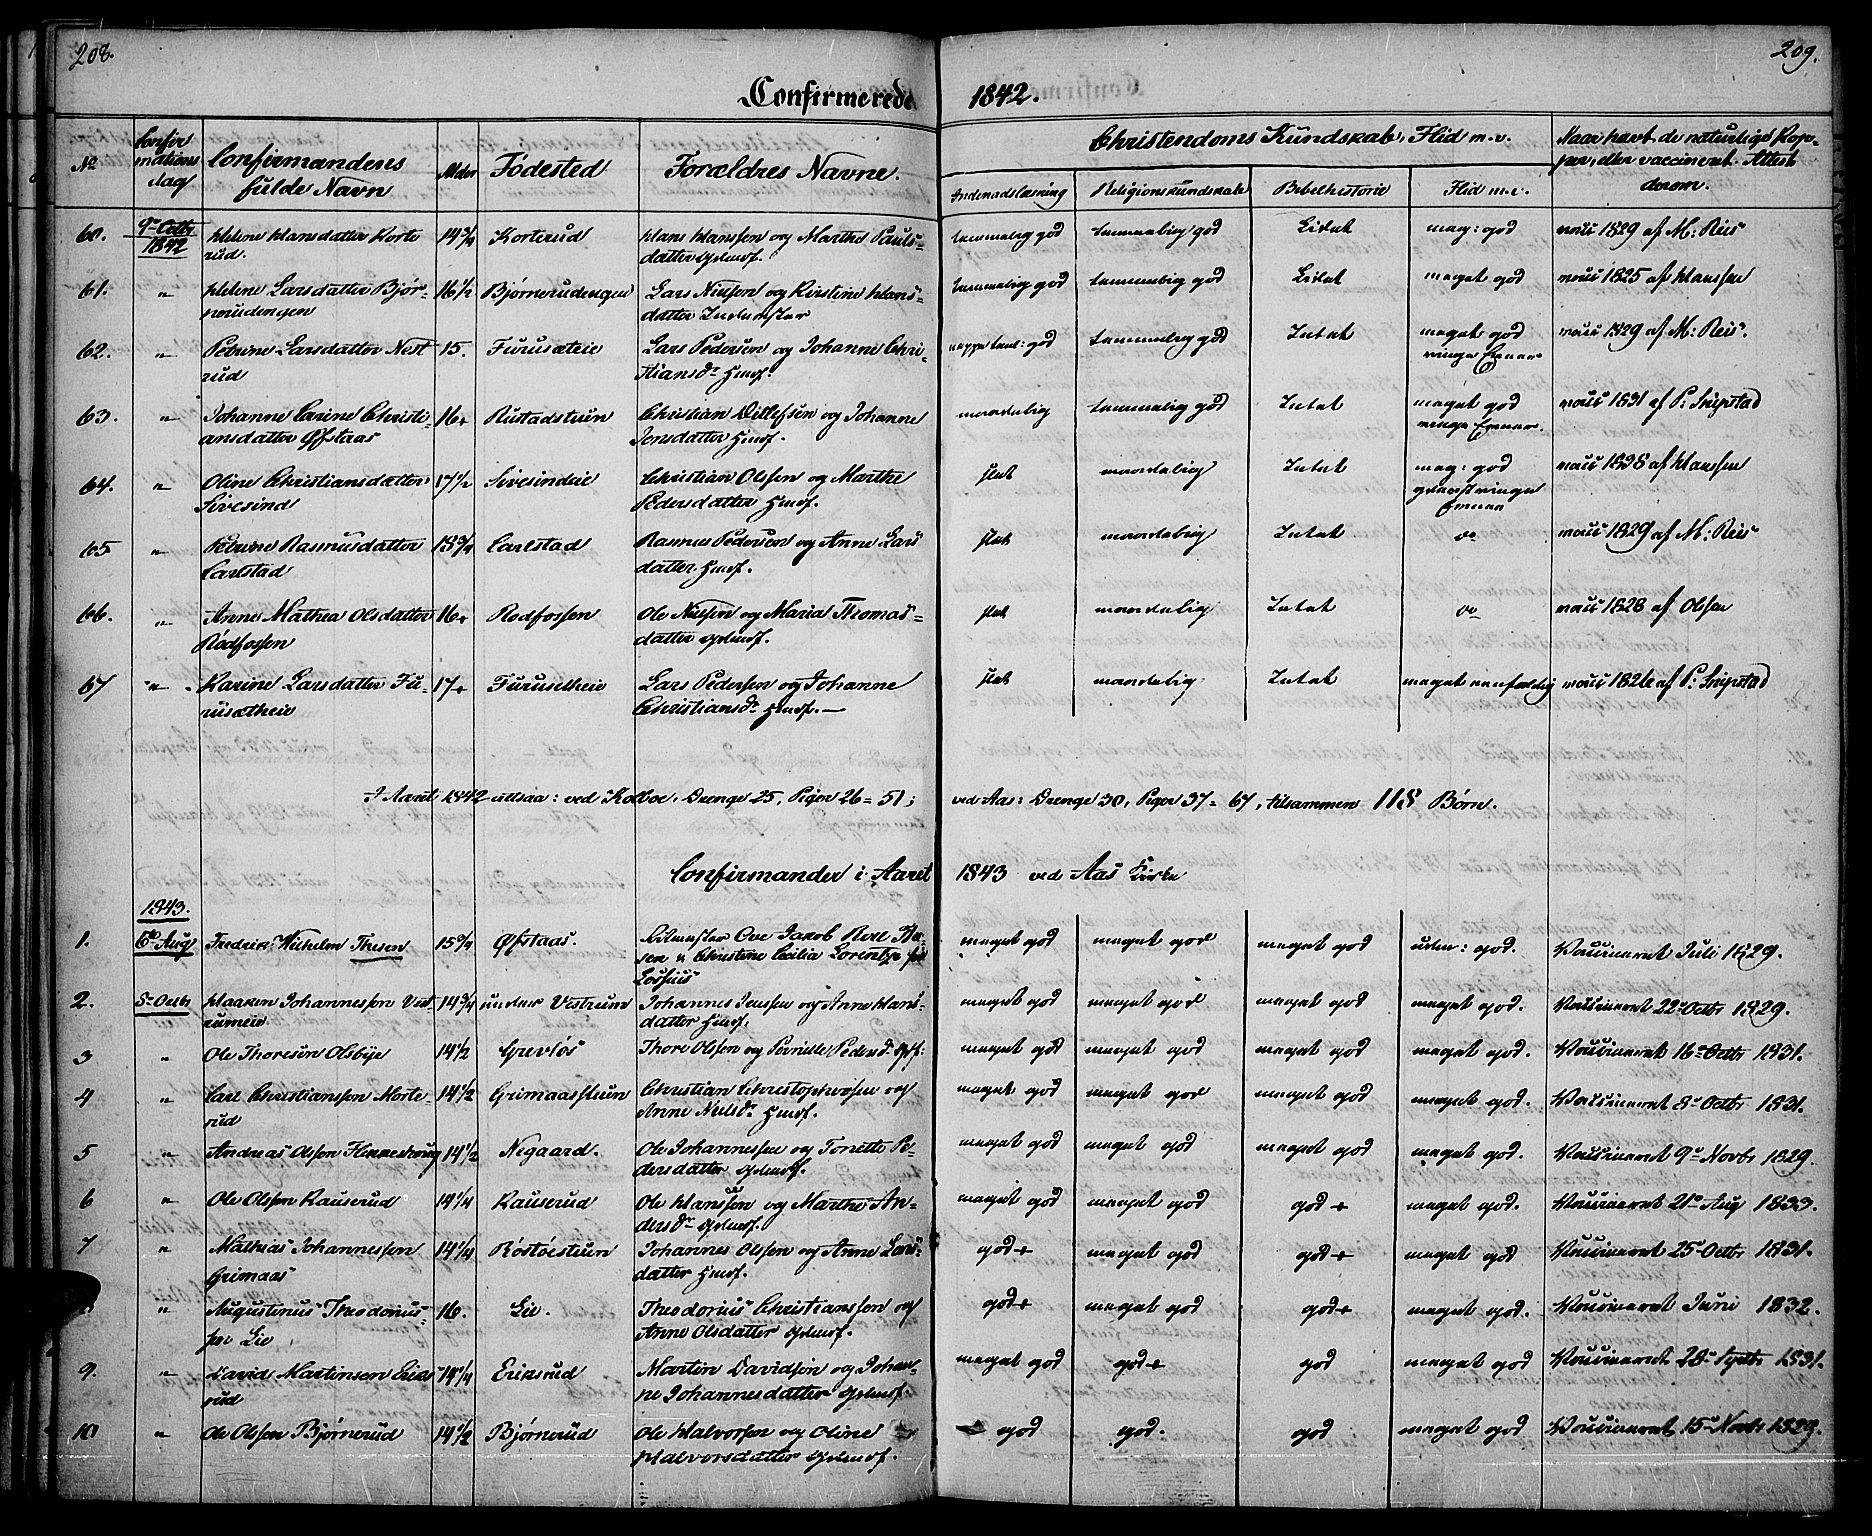 SAH, Vestre Toten prestekontor, Ministerialbok nr. 3, 1836-1843, s. 208-209